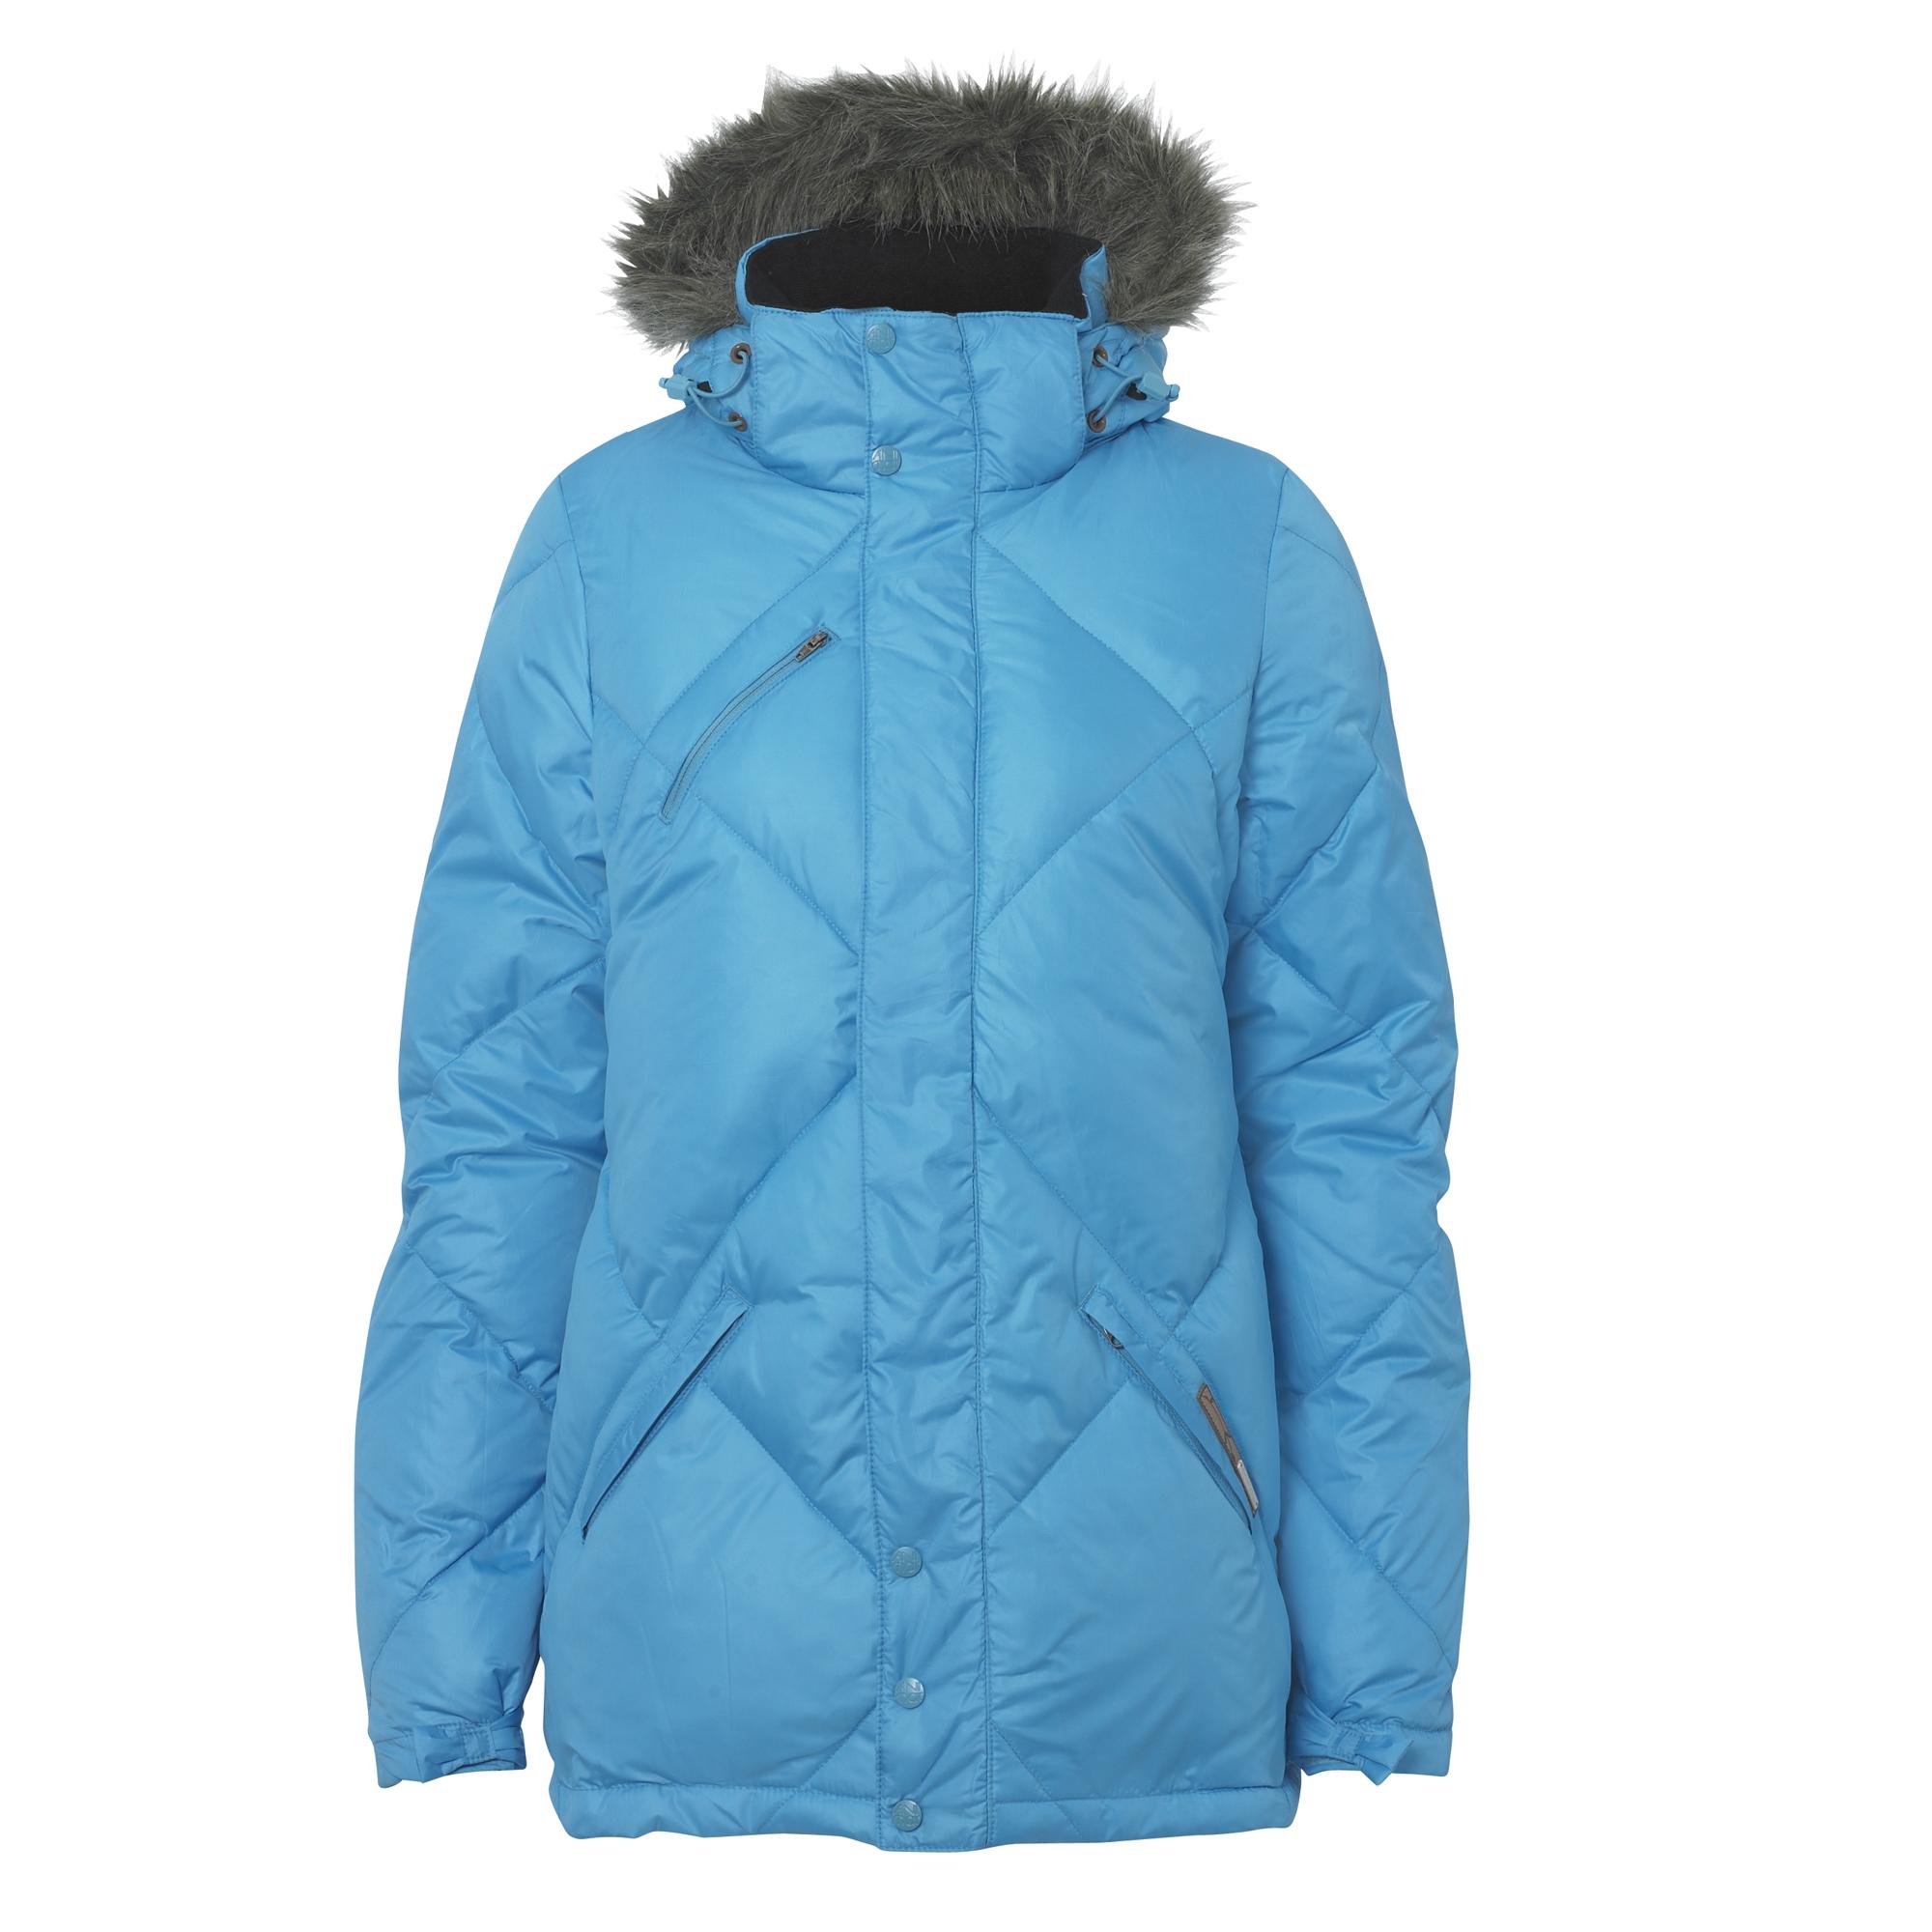 Fashionable: winter coats